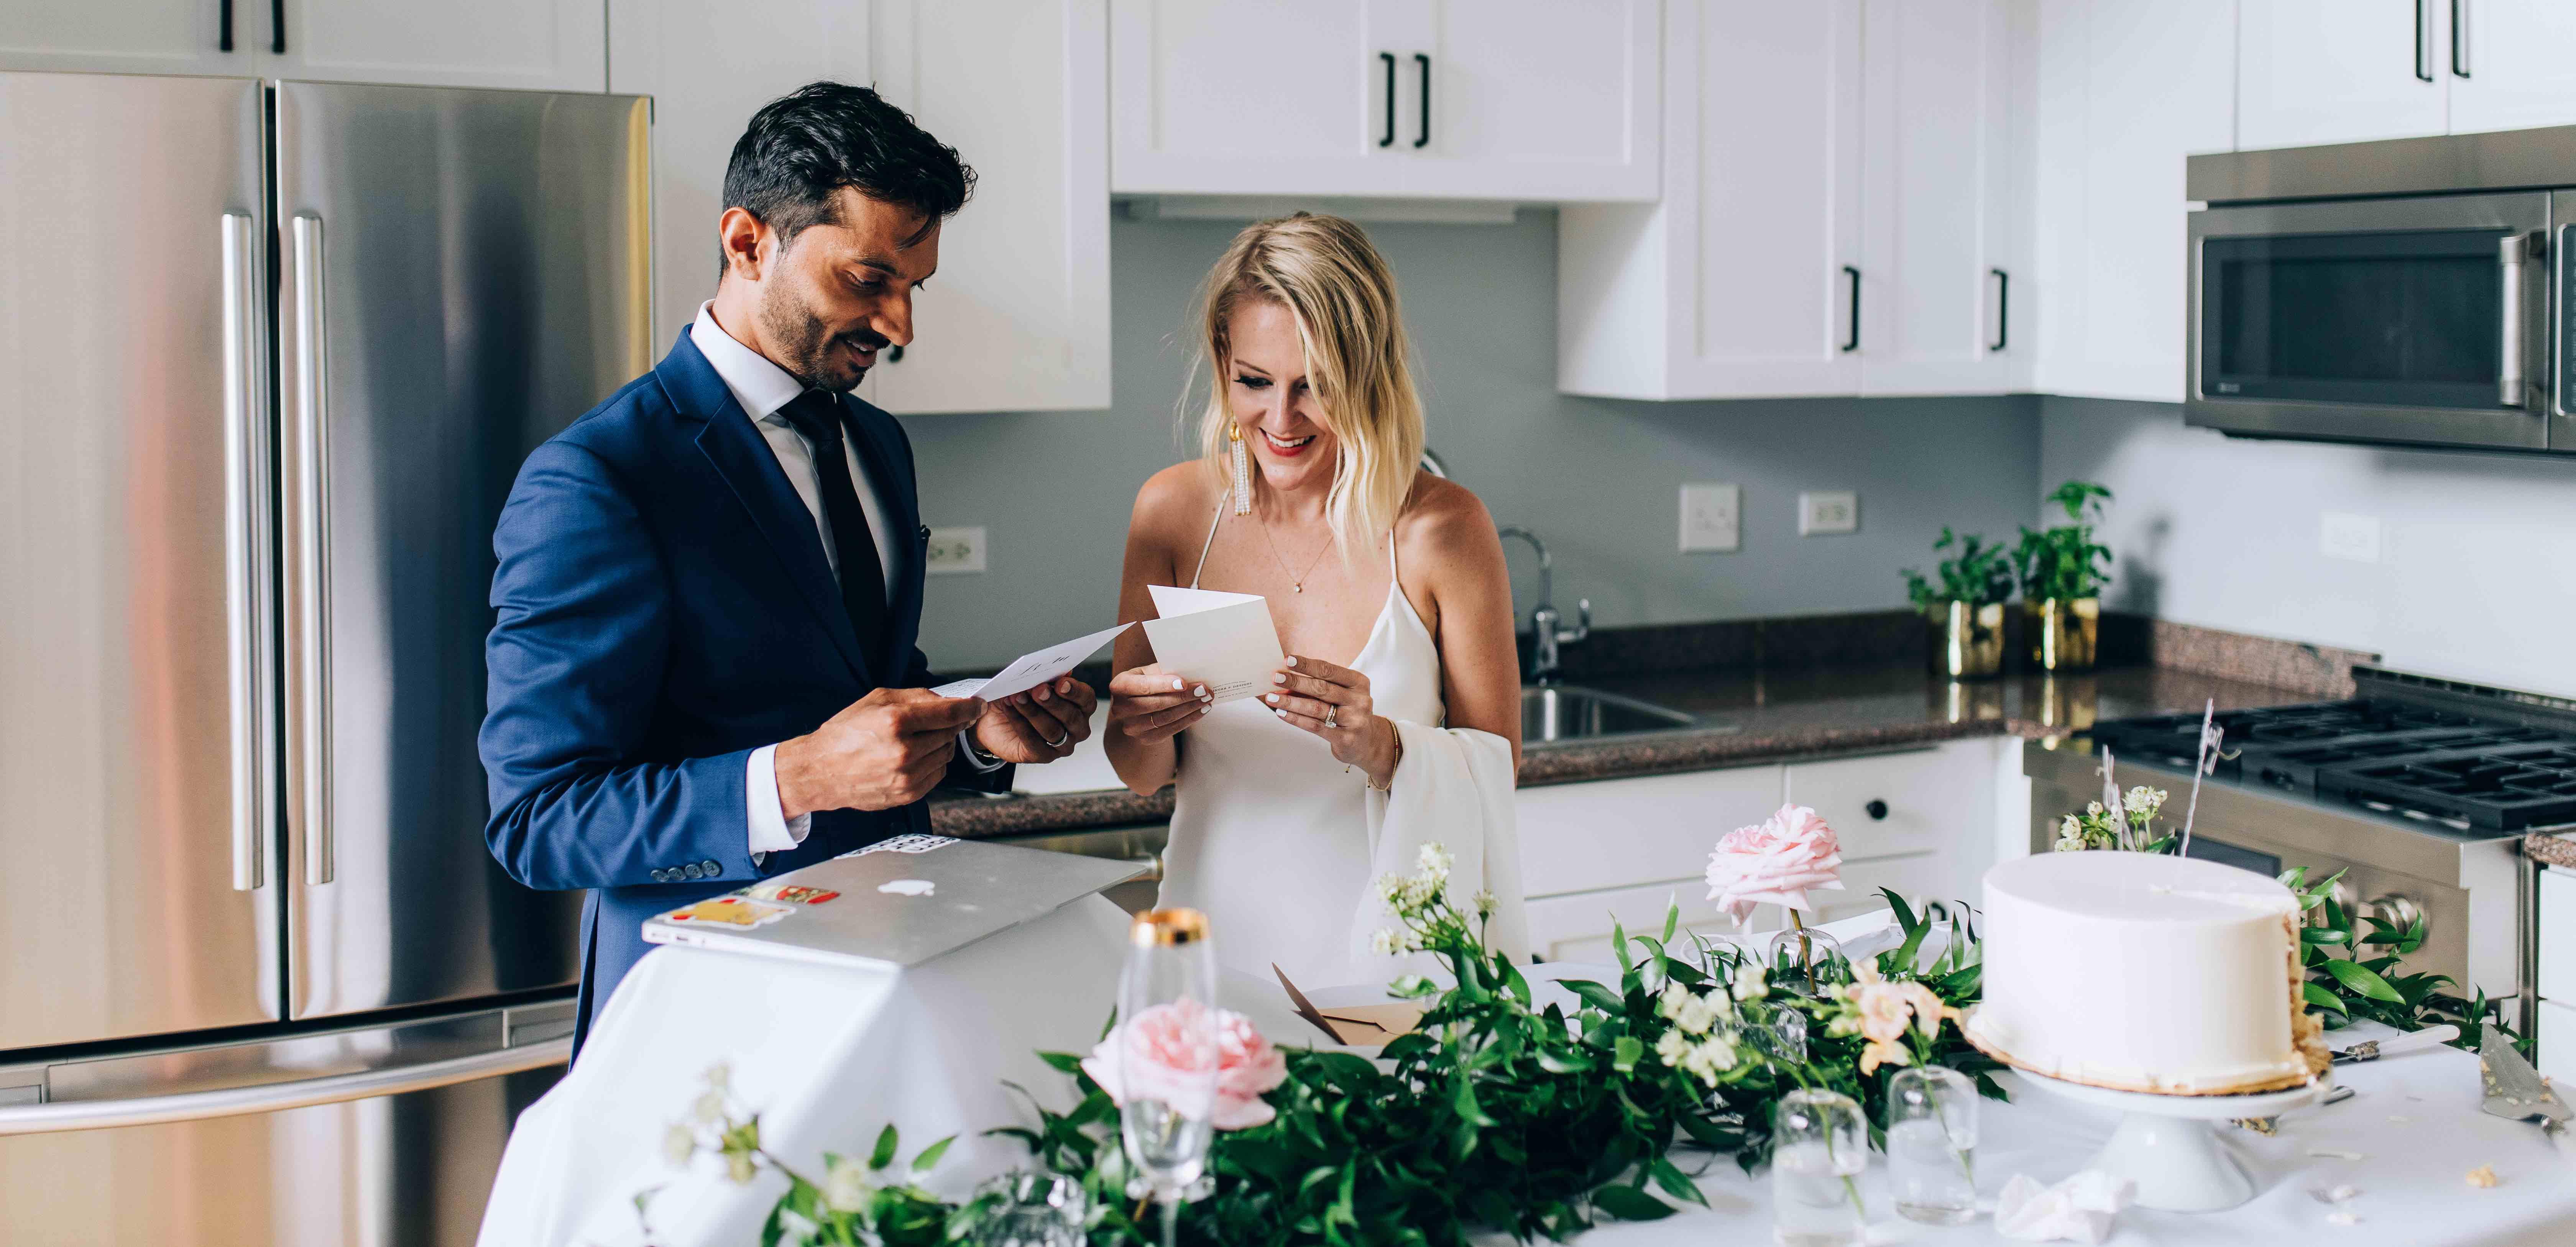 Micro-Wedding: Brittany + Shawn